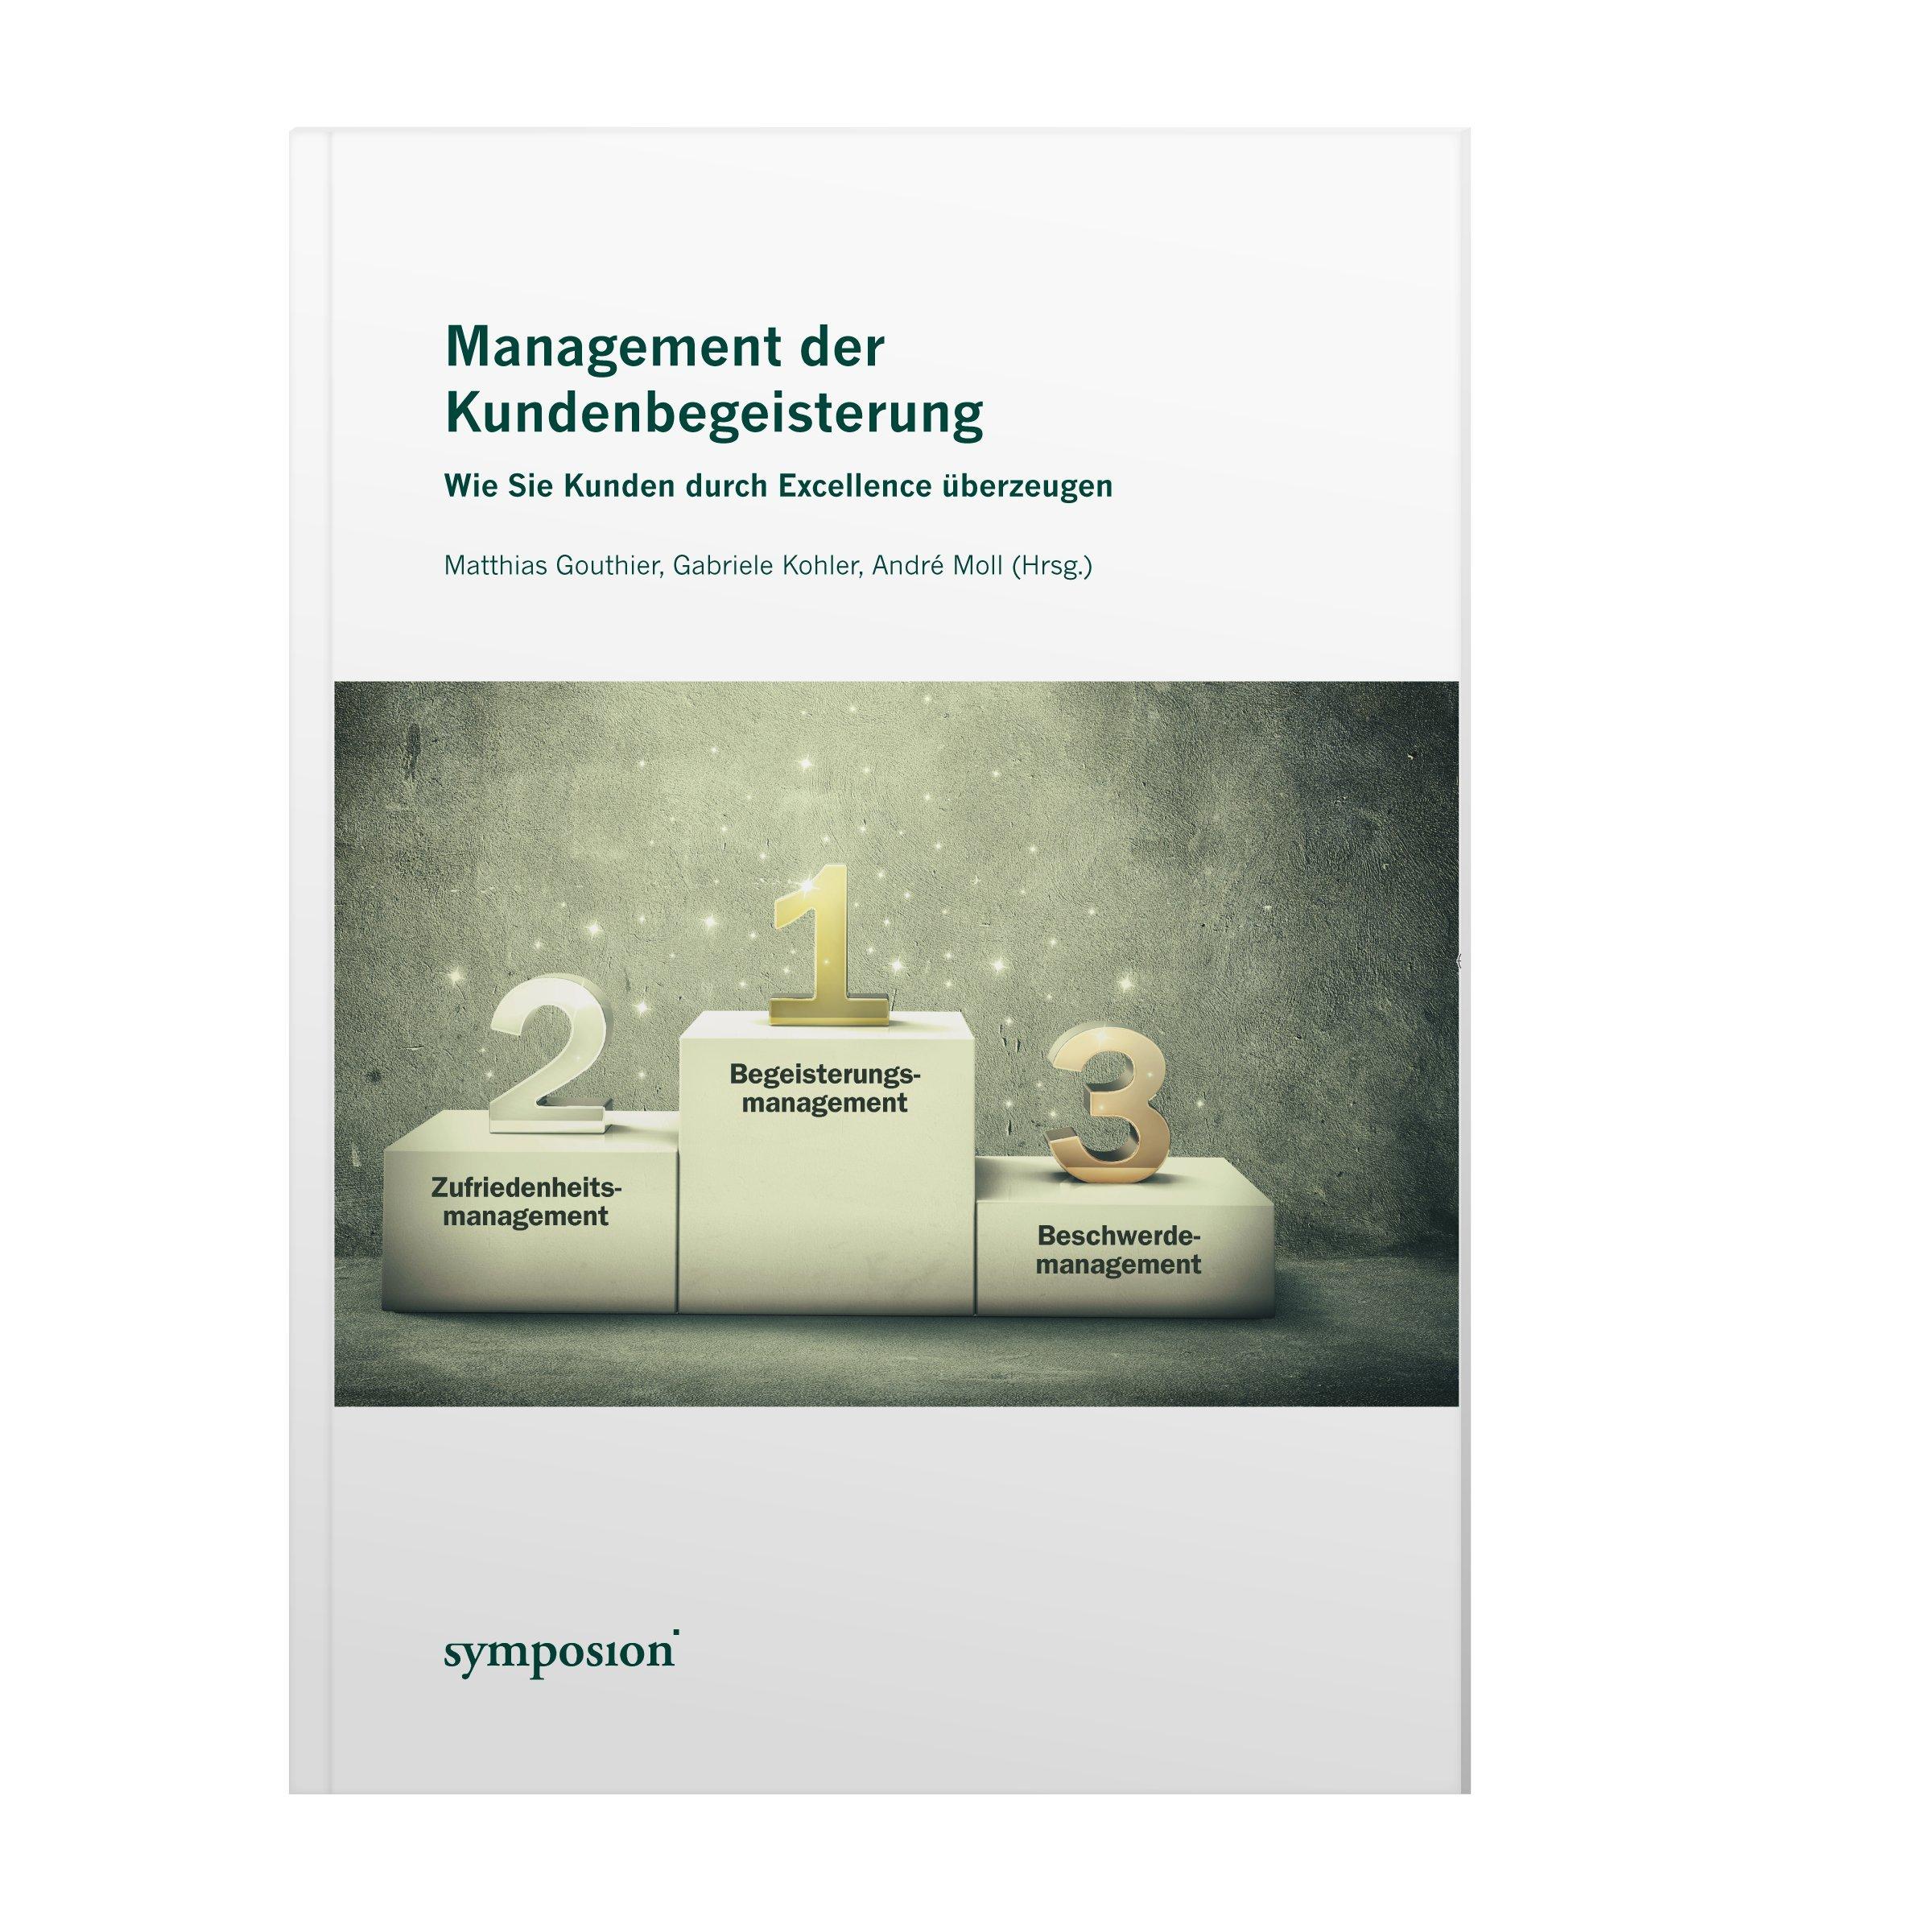 Management der Kundenbegeisterung: Wie Sie Kunden durch Excellence überzeugen